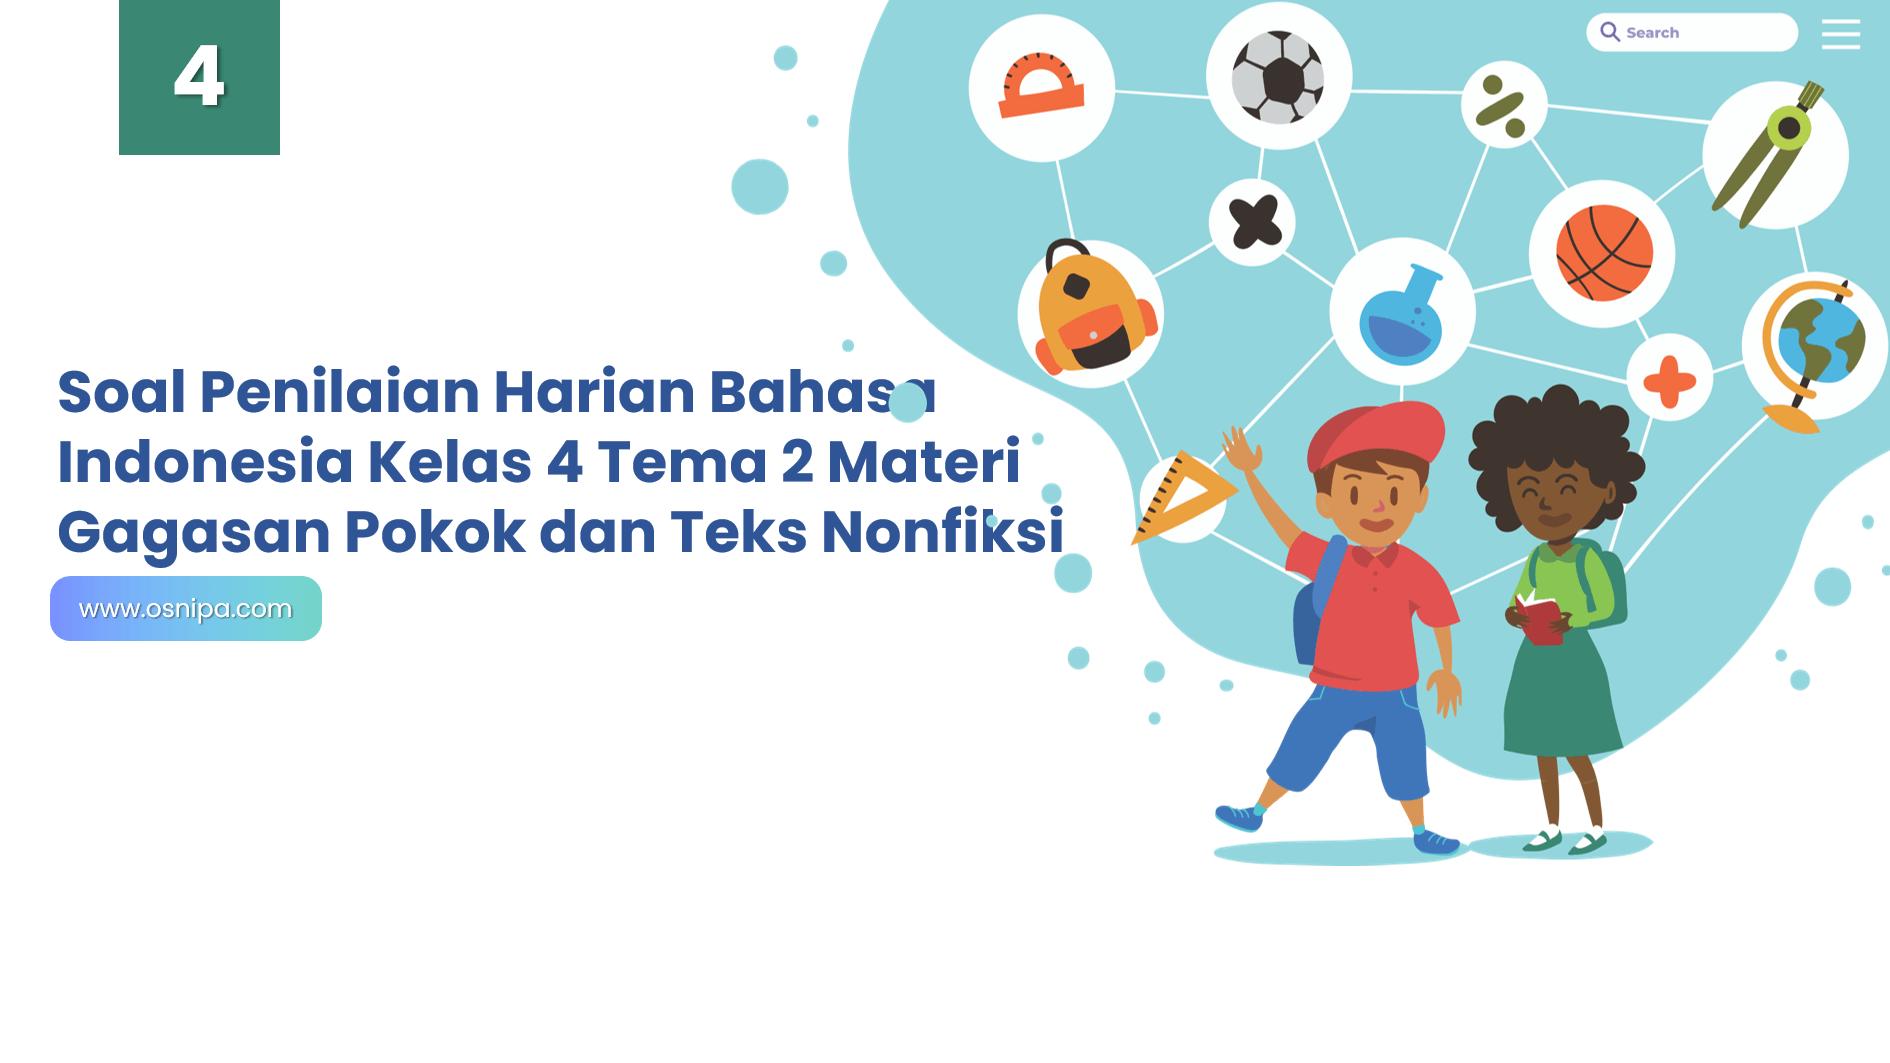 Soal Penilaian Harian Bahasa Indonesia Kelas 4 Tema 2 Materi Gagasan Pokok dan Teks Nonfiksi